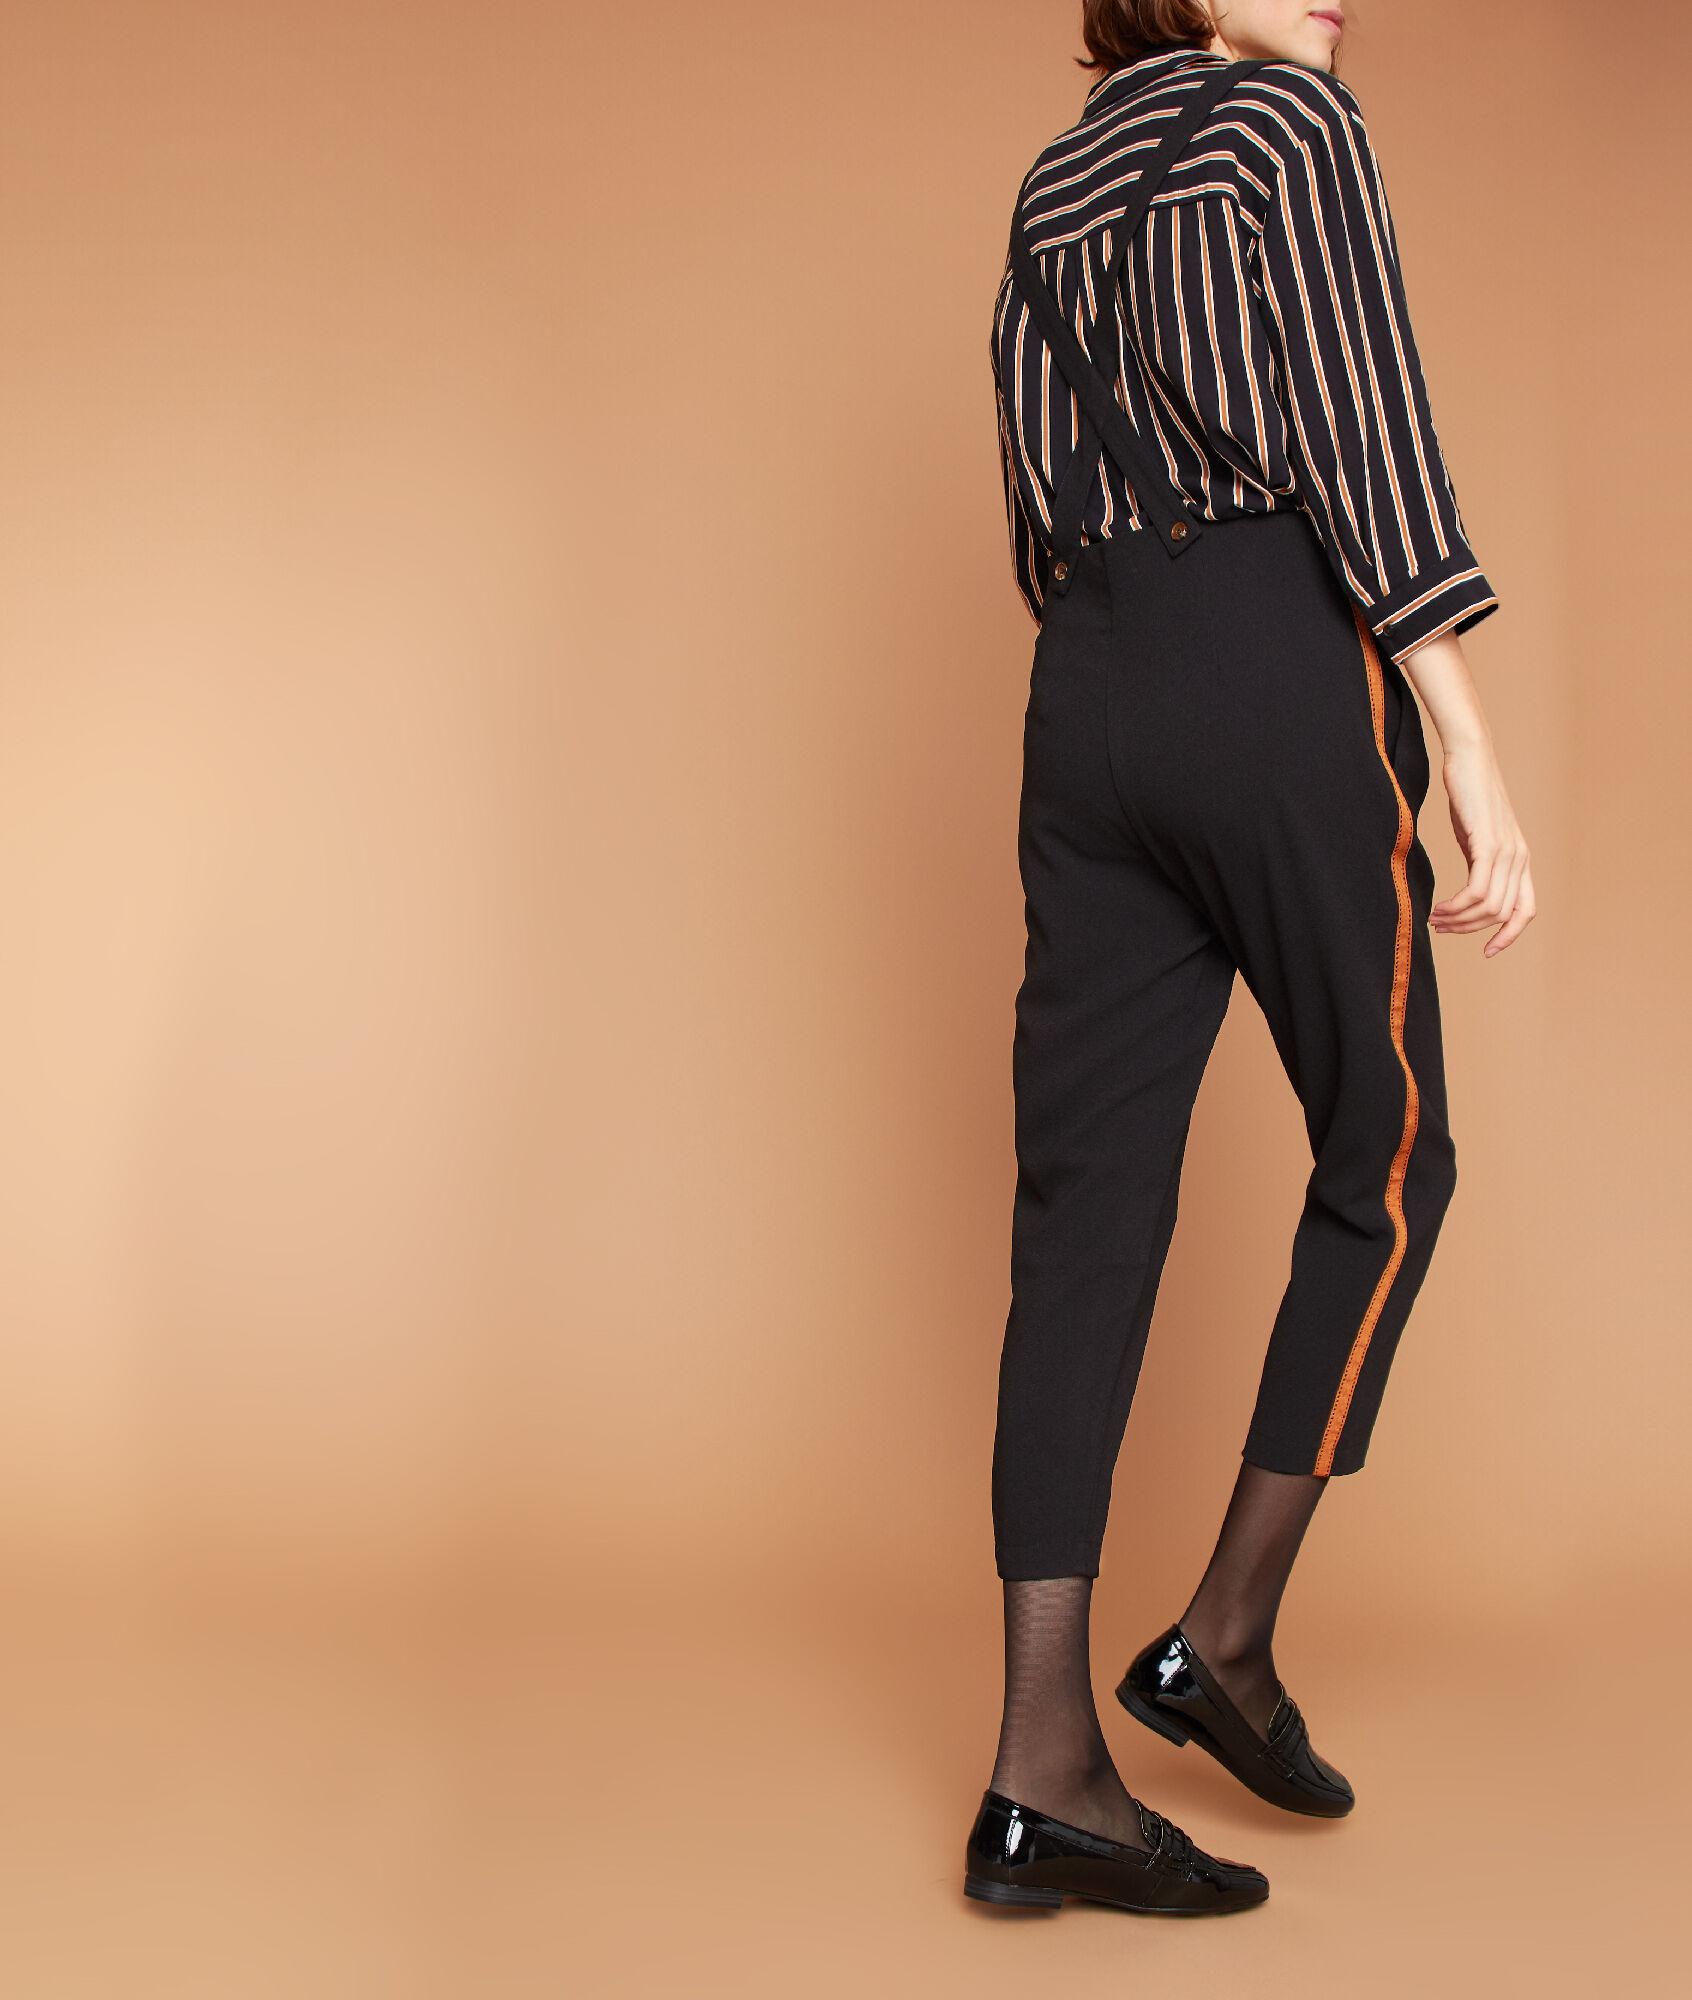 dae5431369b Pantalon carotte à bretelles - SLING - NOIR - Etam